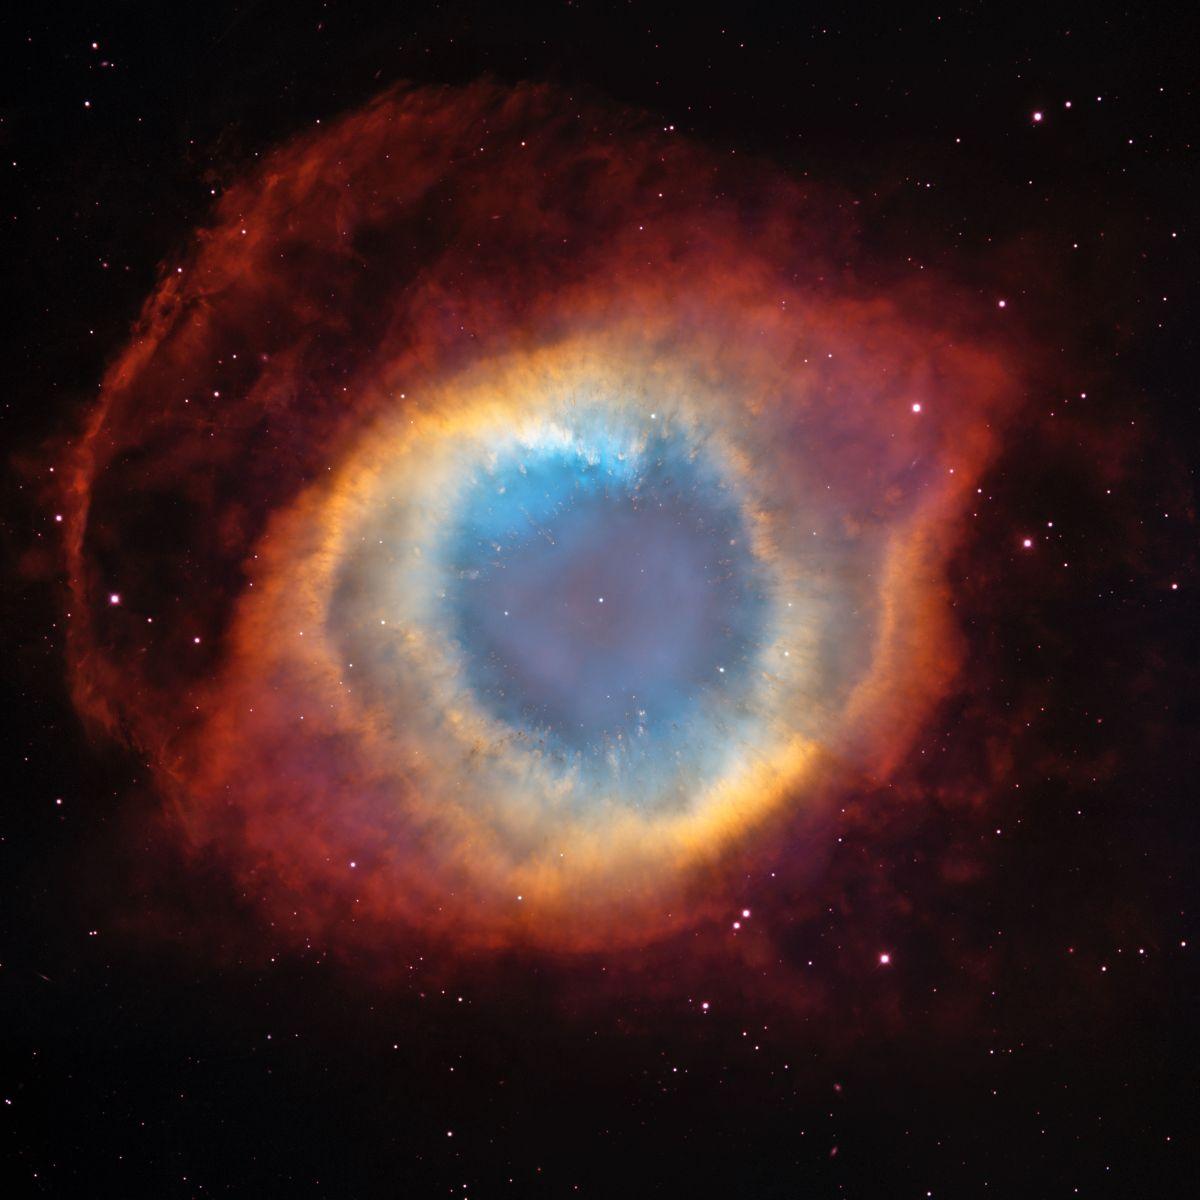 Bildresultat för planetarisk nebulosa